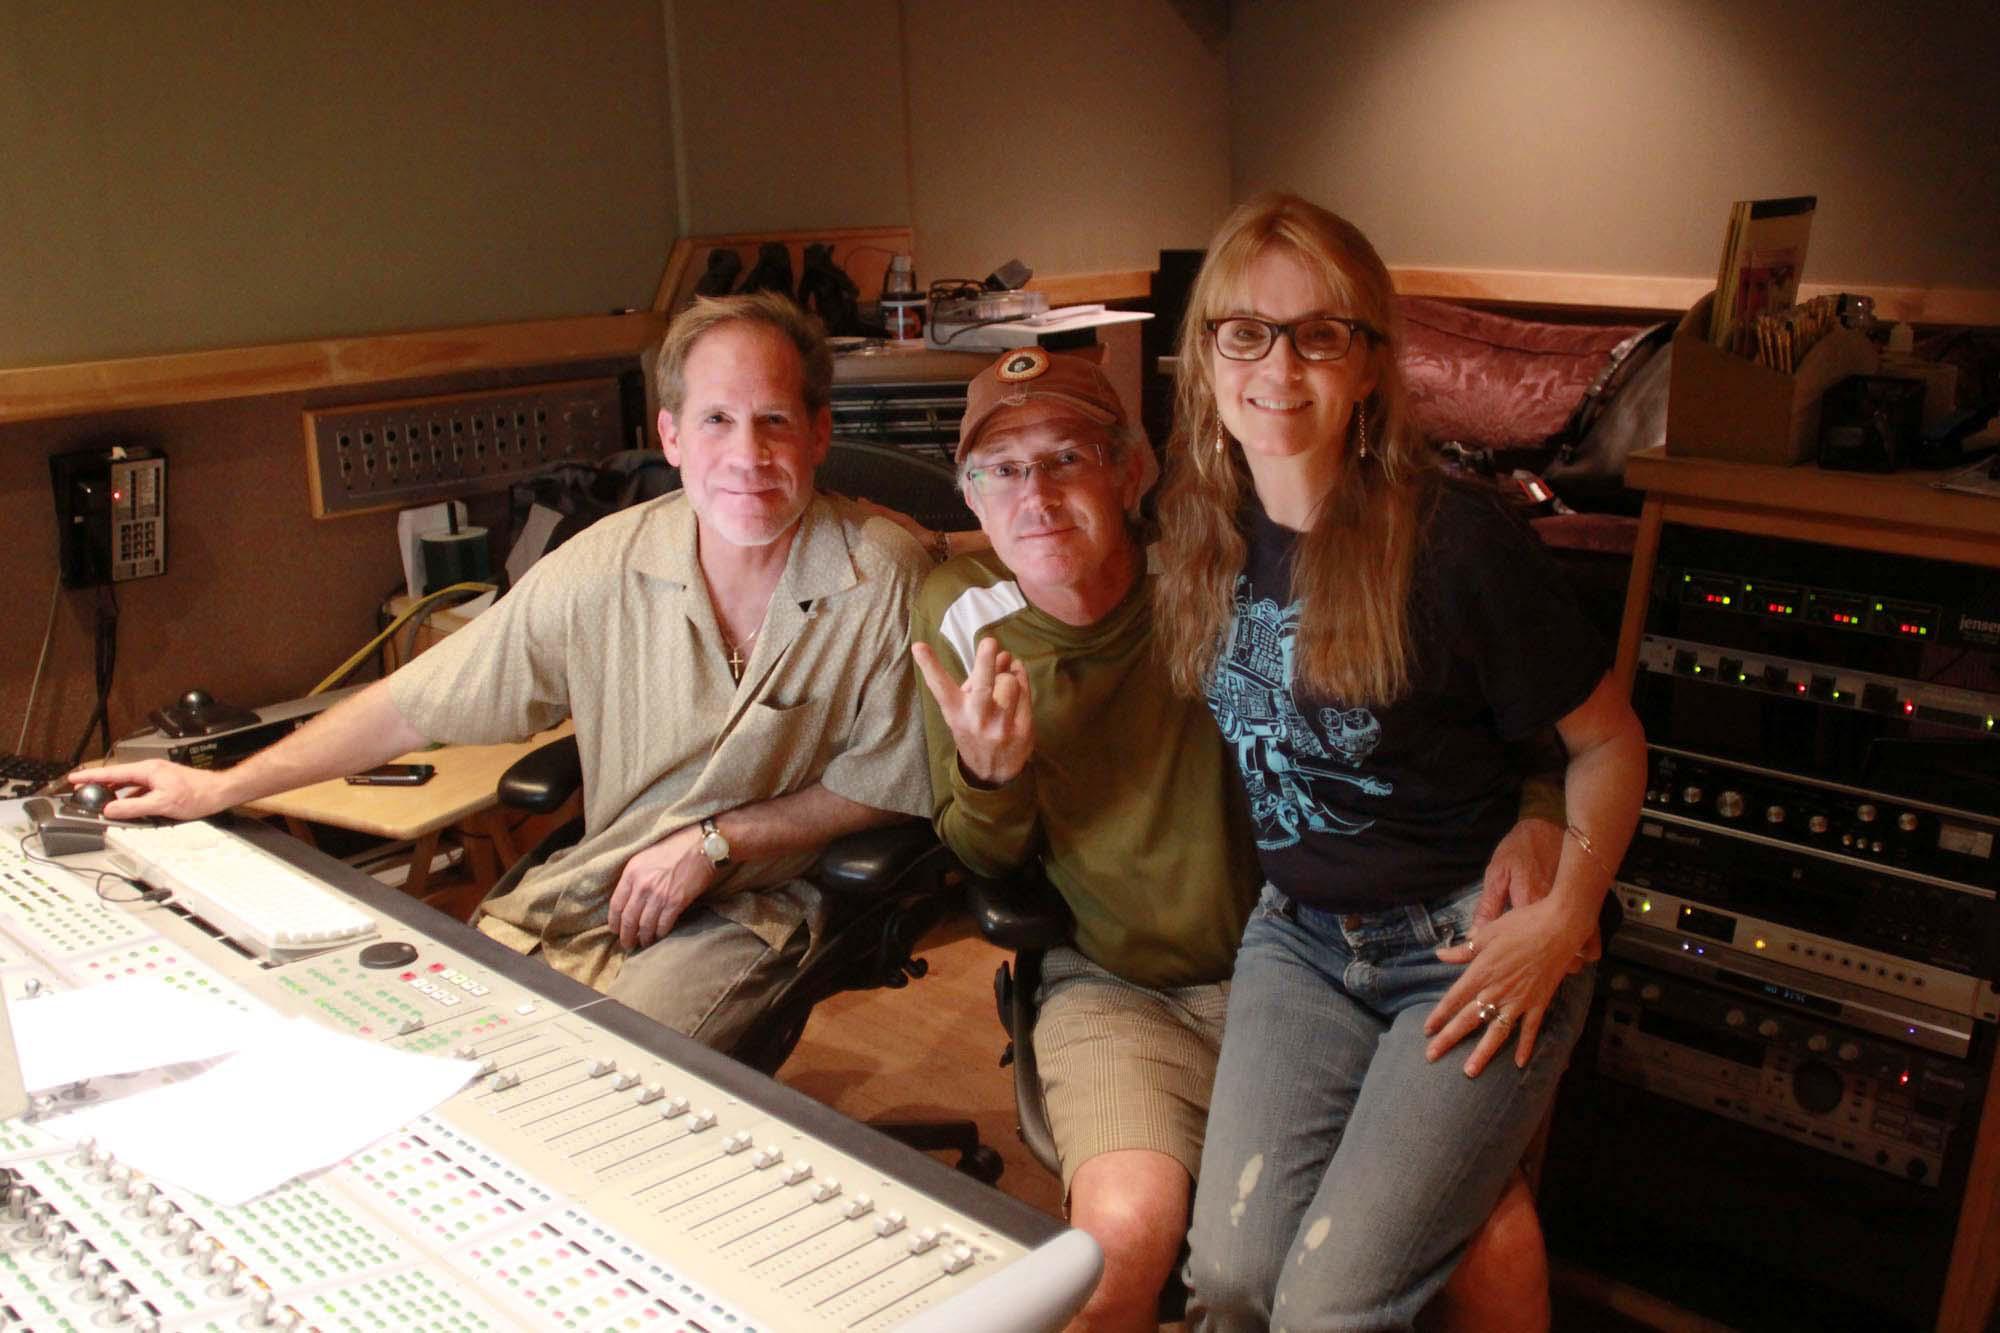 LAでレコーディングしてくださったのリー・トンプソンさん  Lea Thompson recording in LA